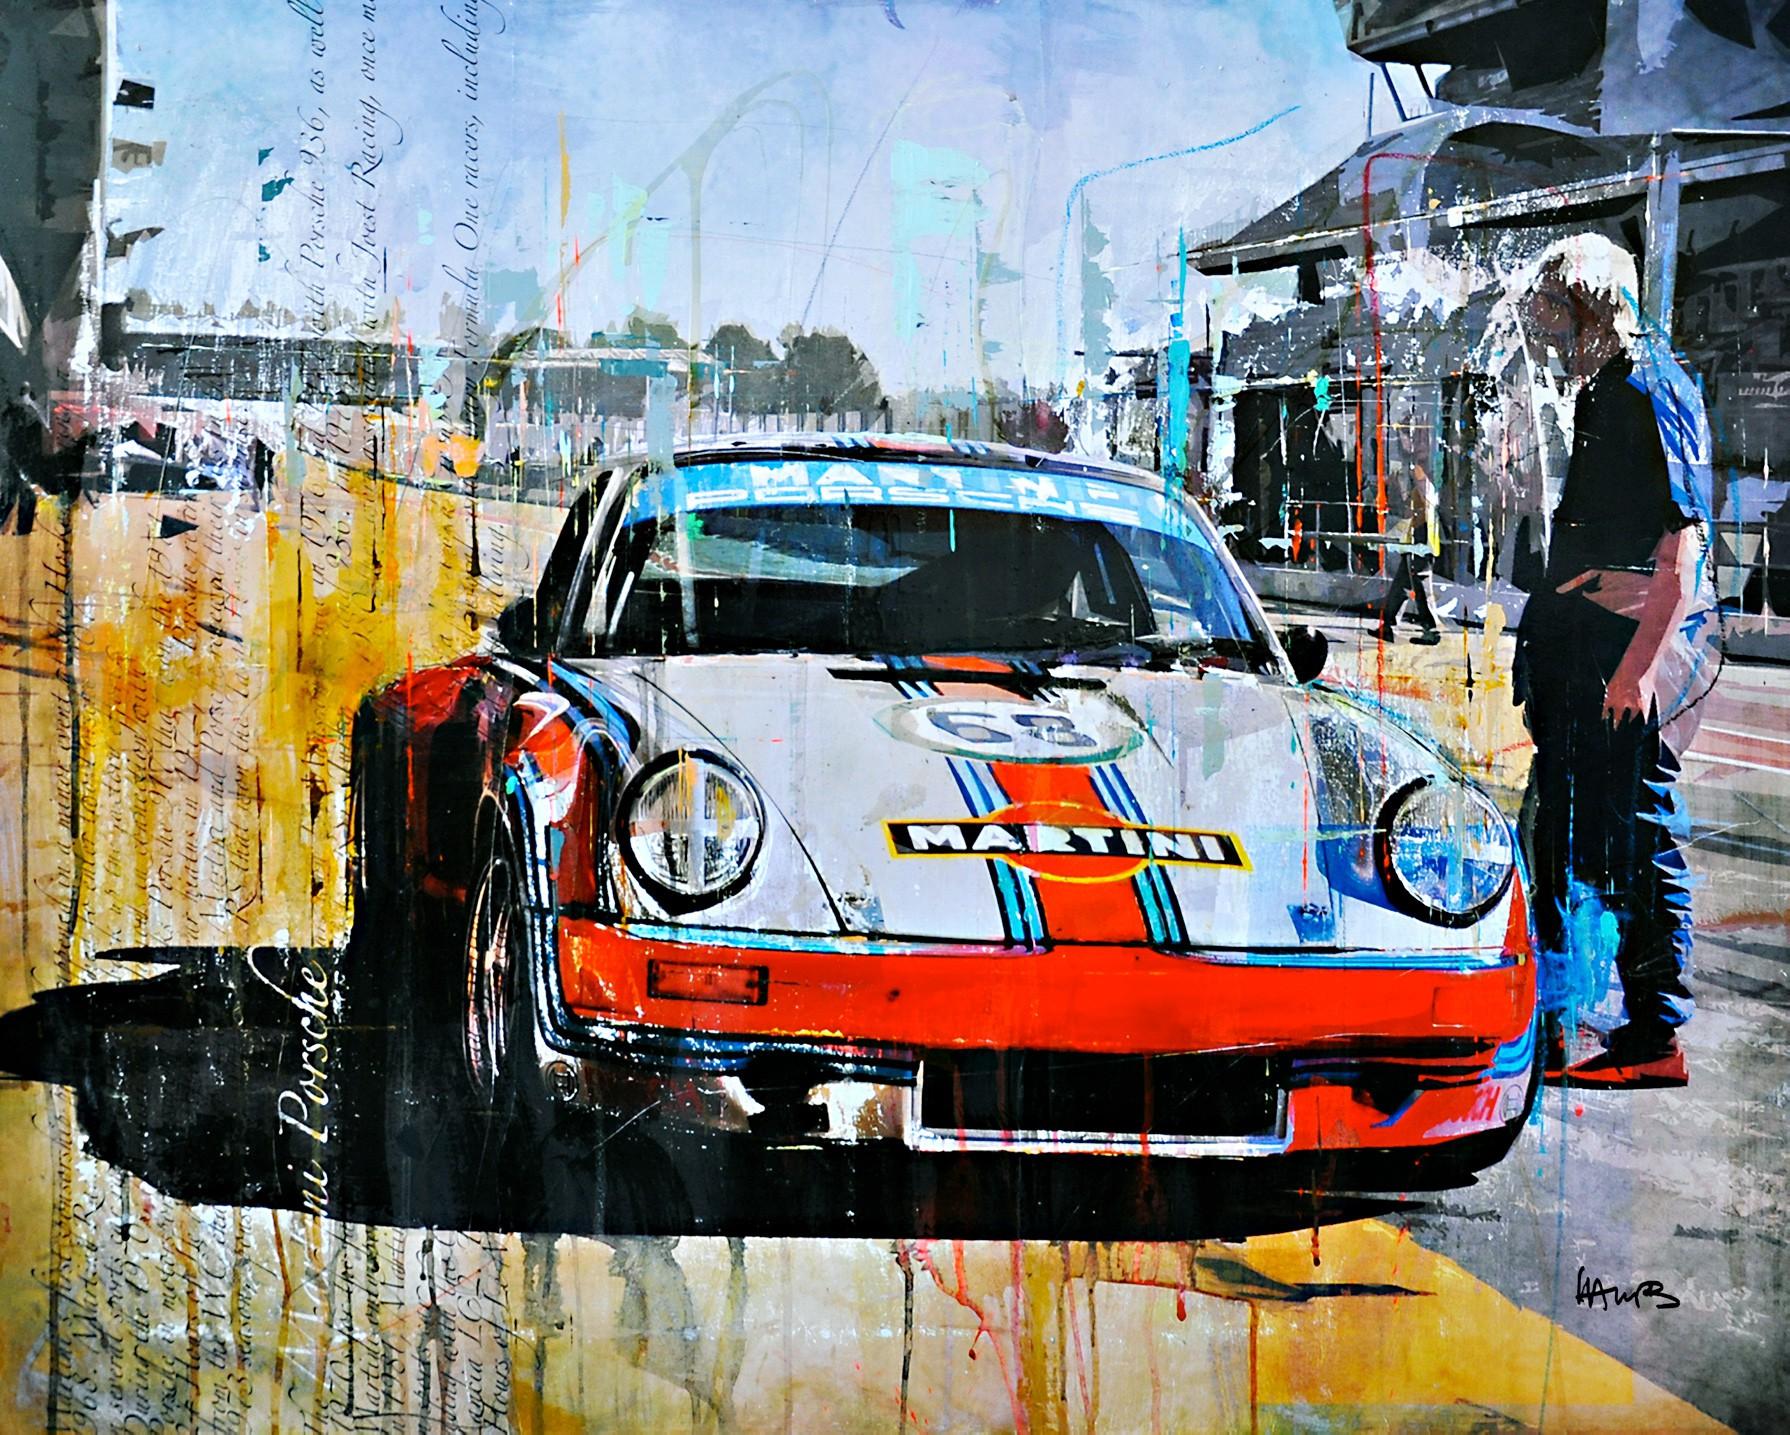 Martini Porsche 911 Carrera RSR